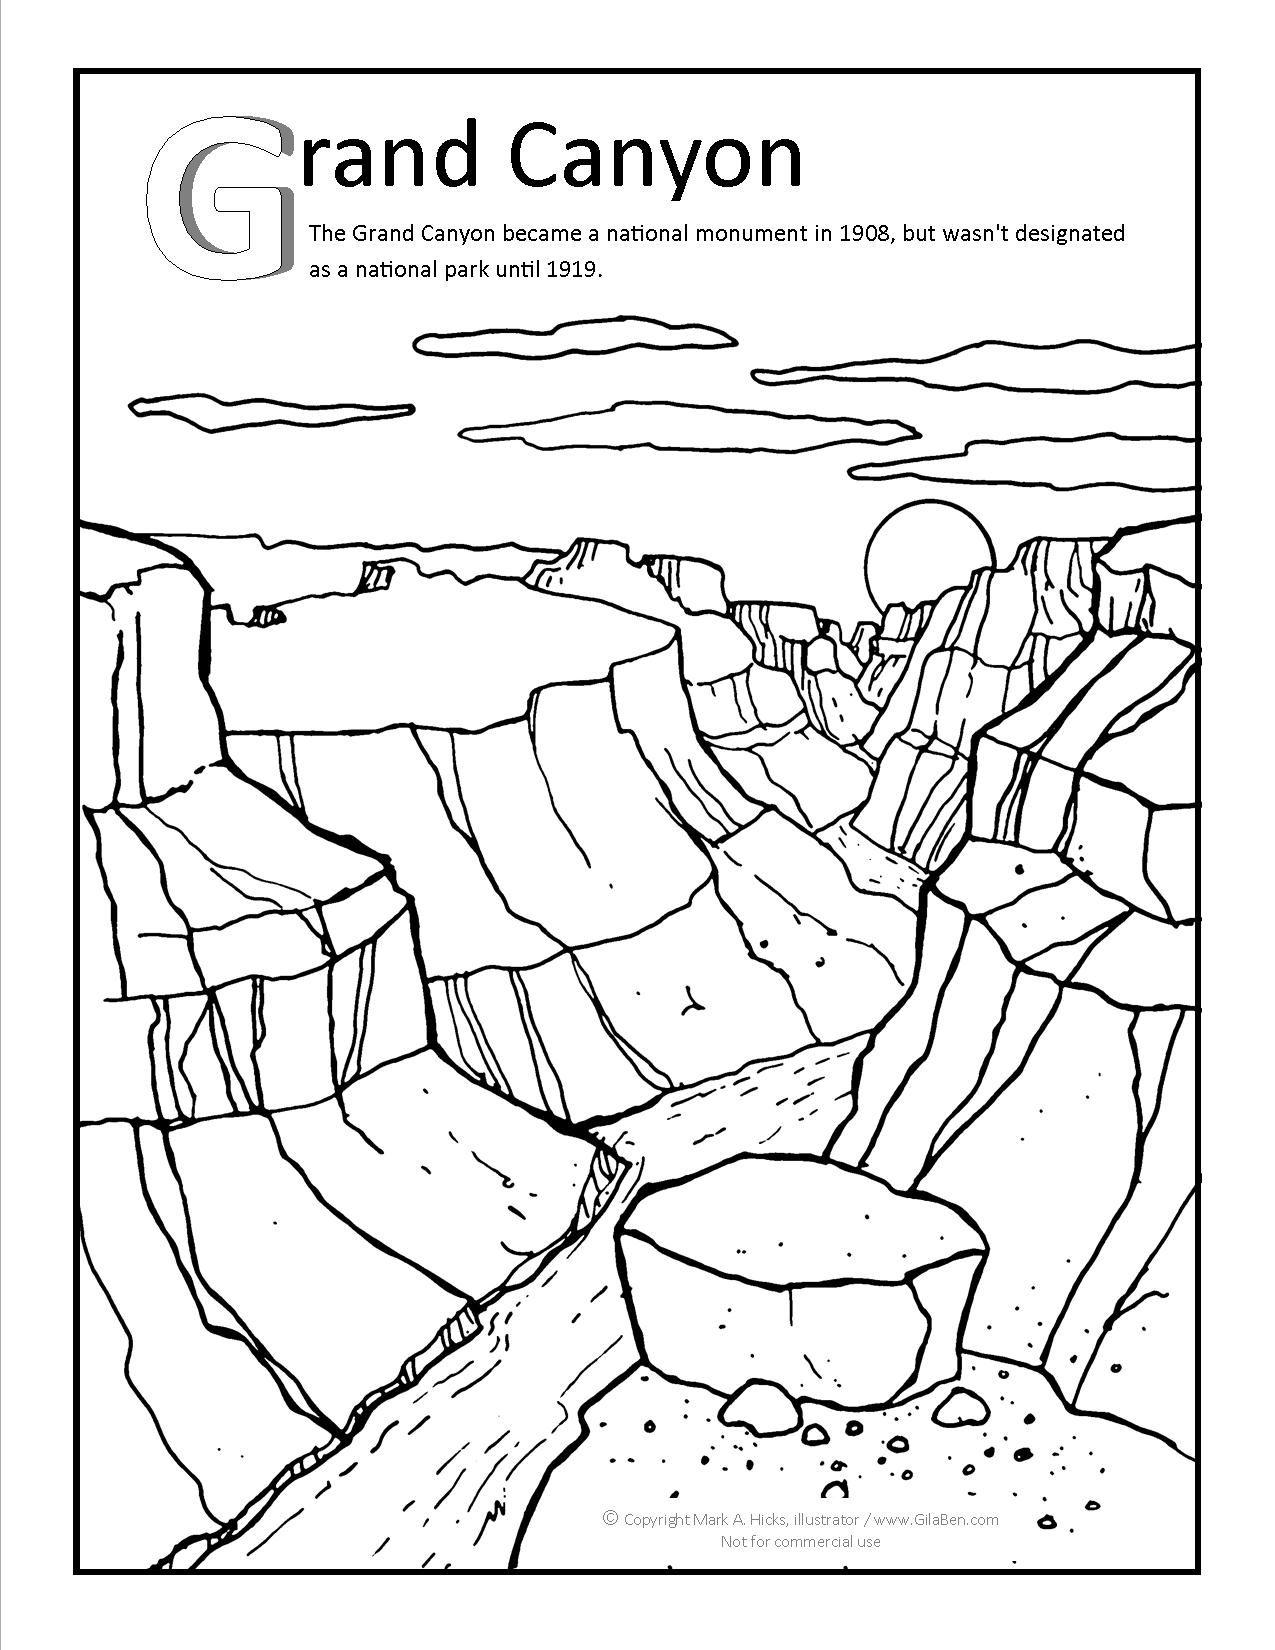 Grand Canyon Coloring Page At Gilaben